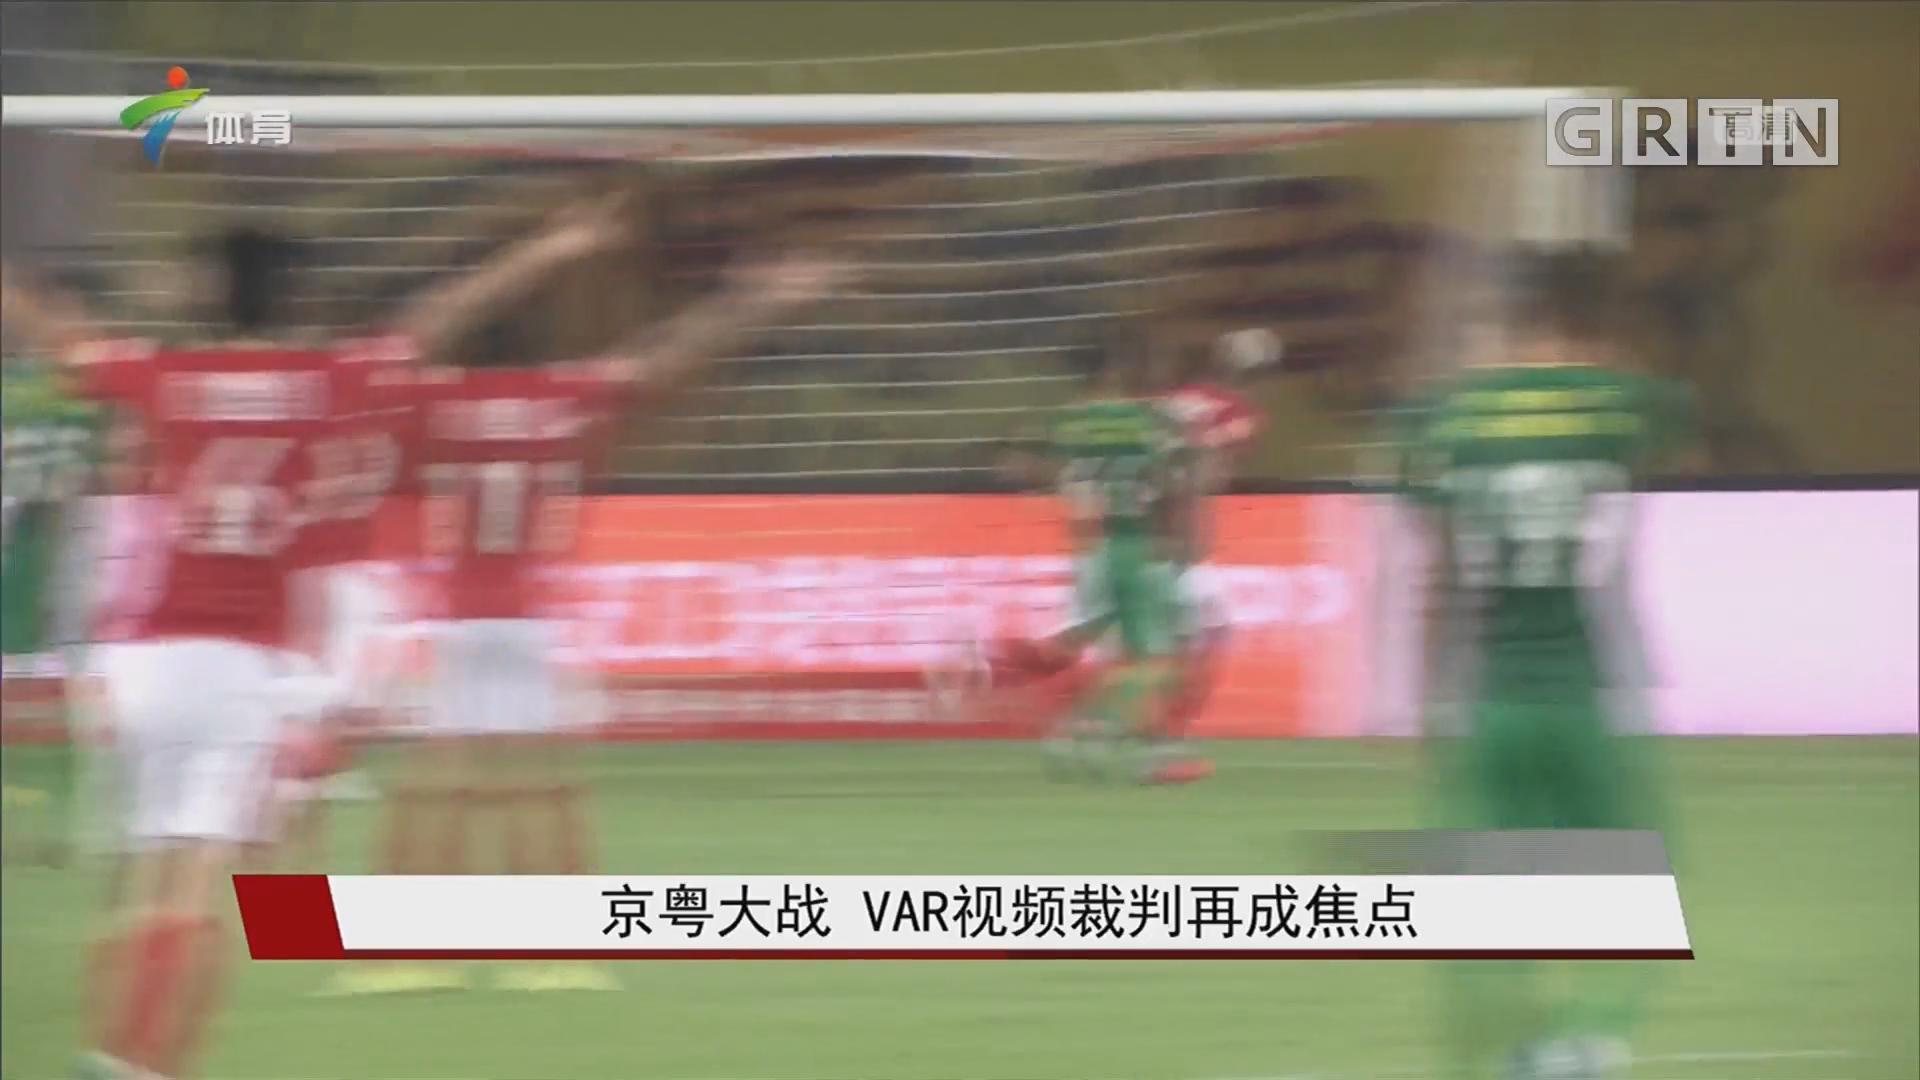 京粤大战 VAR视频裁判再成焦点